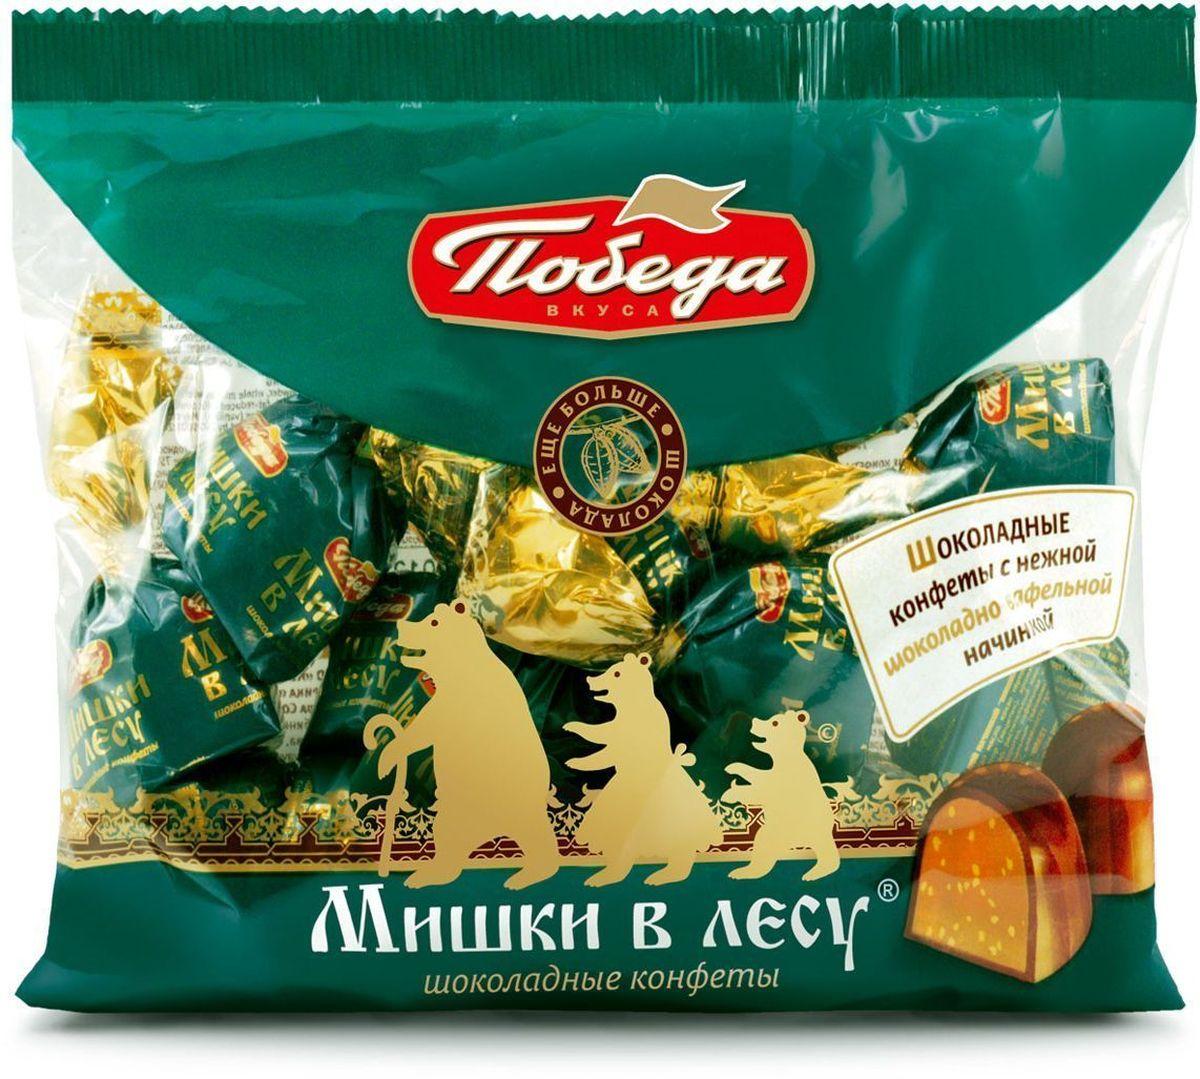 Победа вкуса Мишки в лесу шоколадные конфеты с шоколадно-вафельной начинкой, 200 г0120710Гармоничная композиция с мягкой молочно-шоколадной начинкой, хрустящим криспом в окружении молочного шоколада. Для тех, кто ценит традиции и любит чаепитие в кругу семьи и друзей.